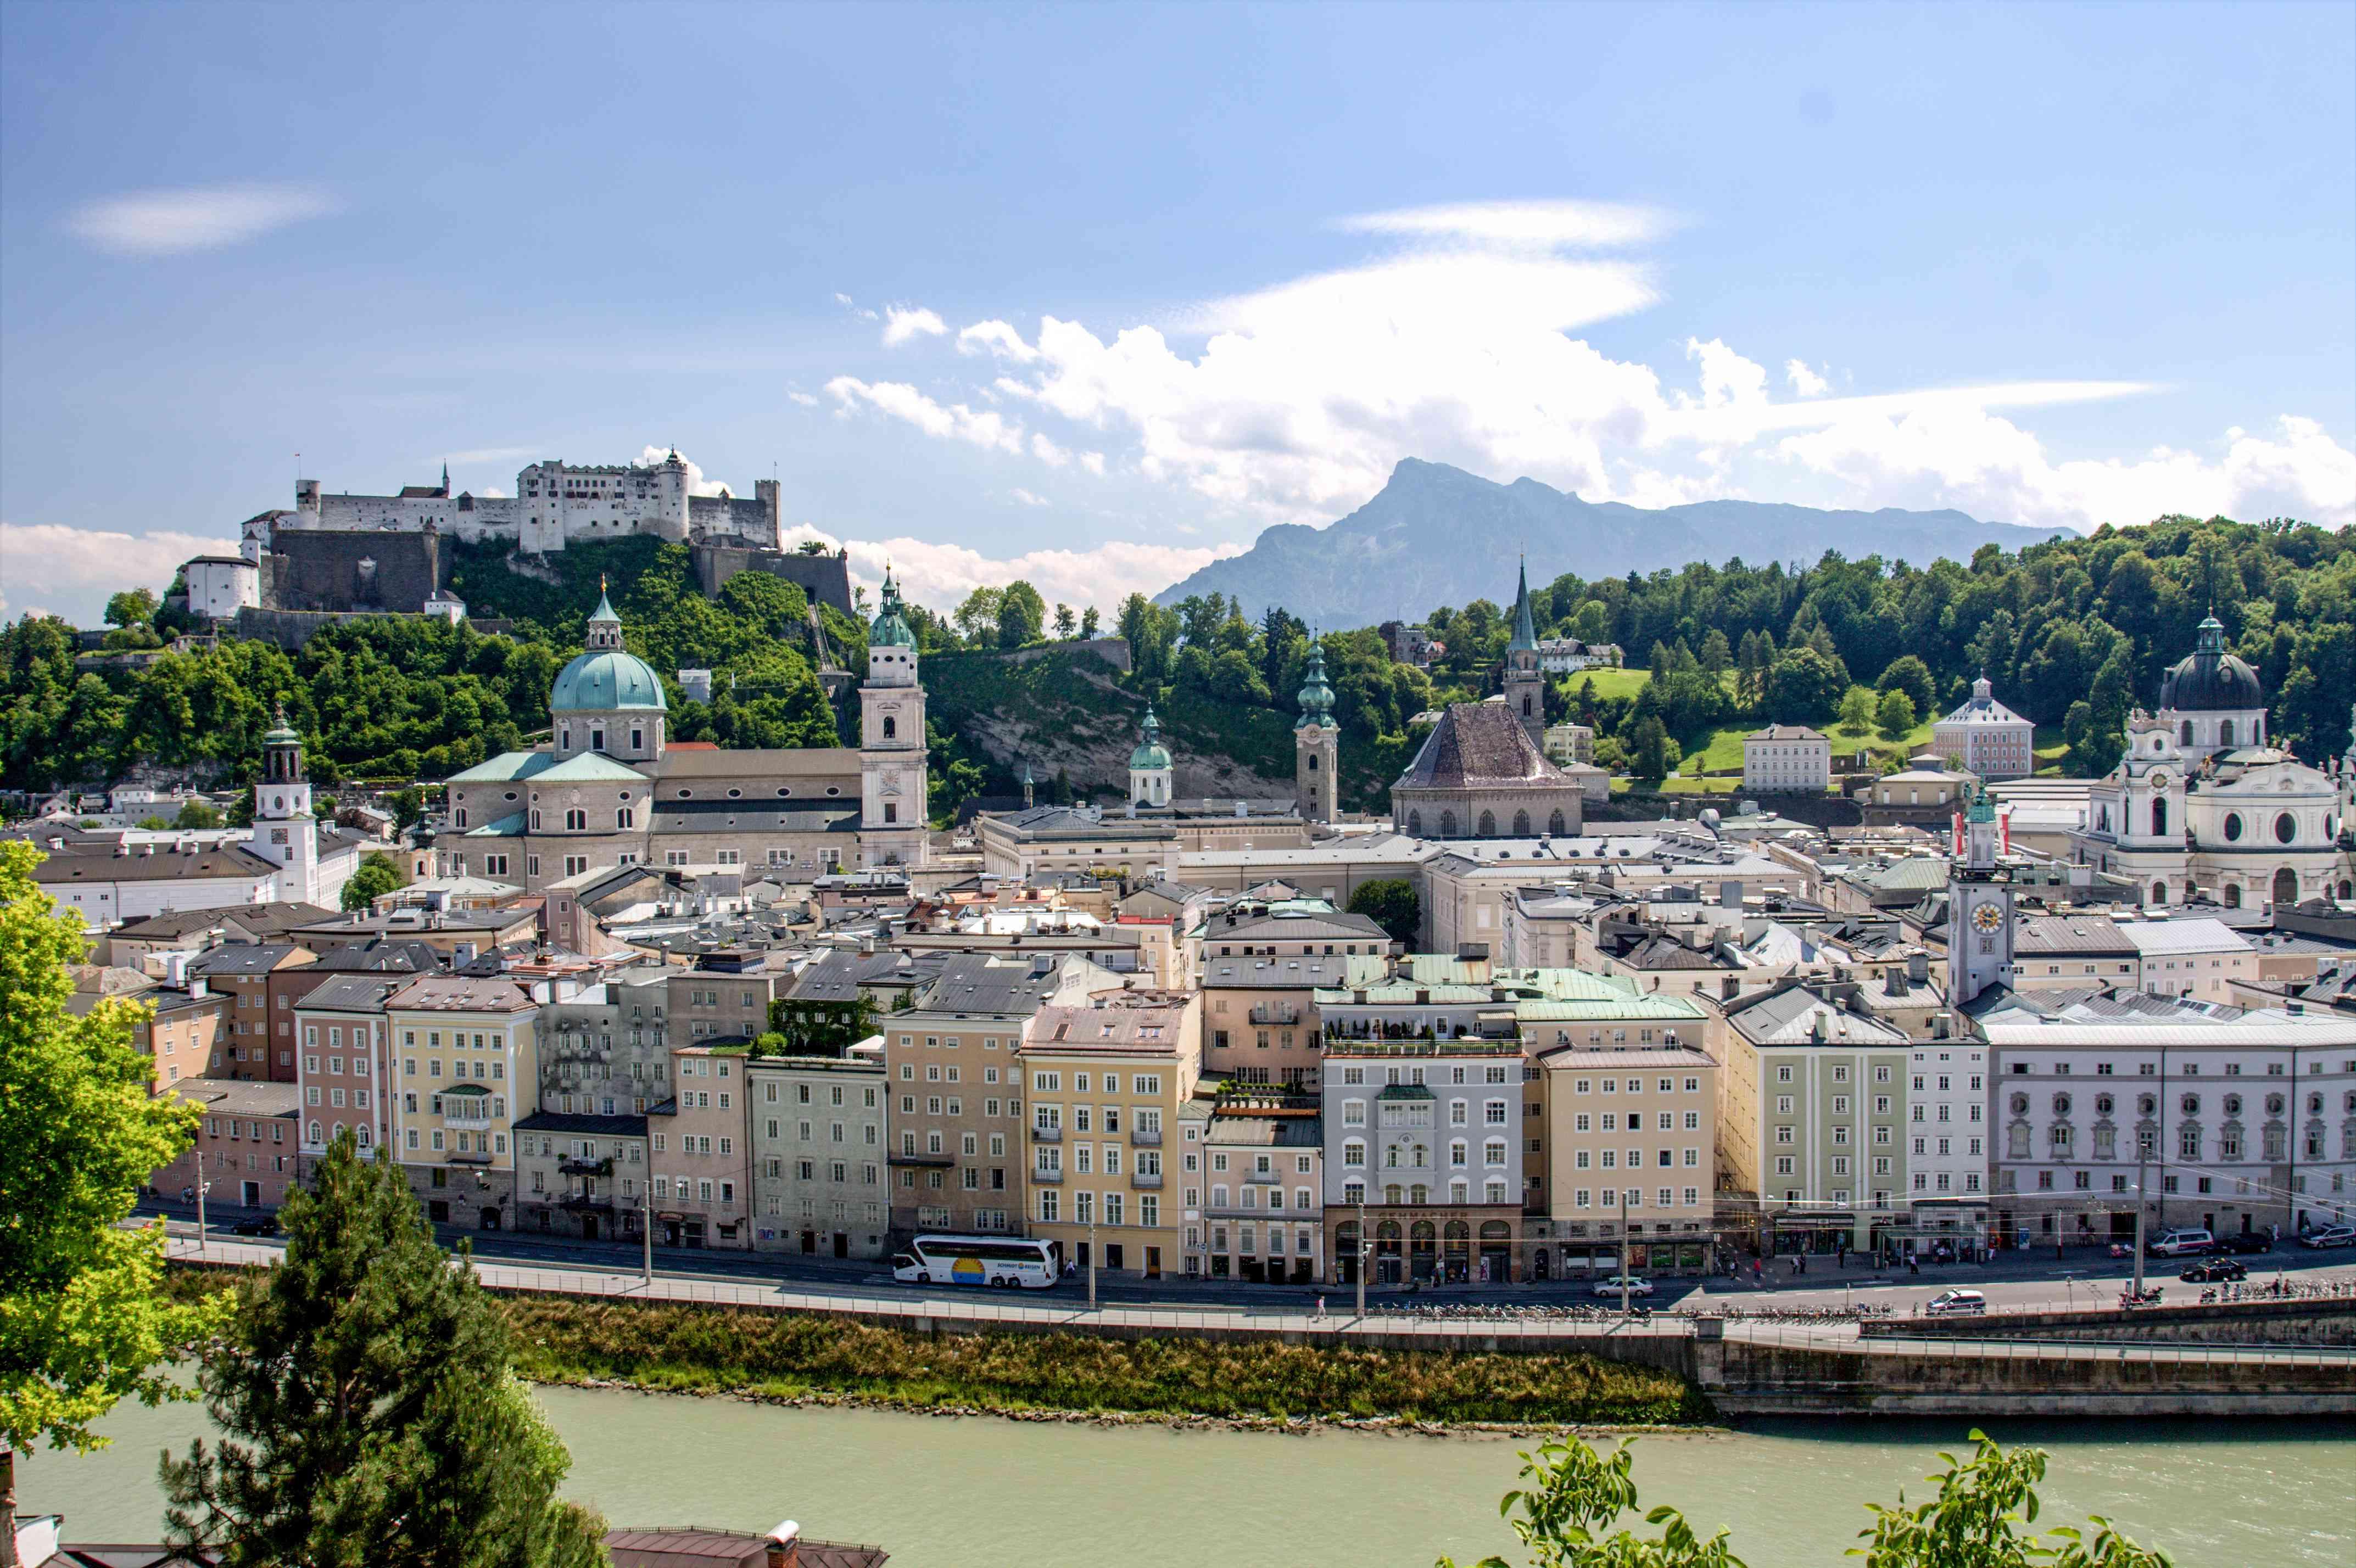 Vista del río y Salzburgo